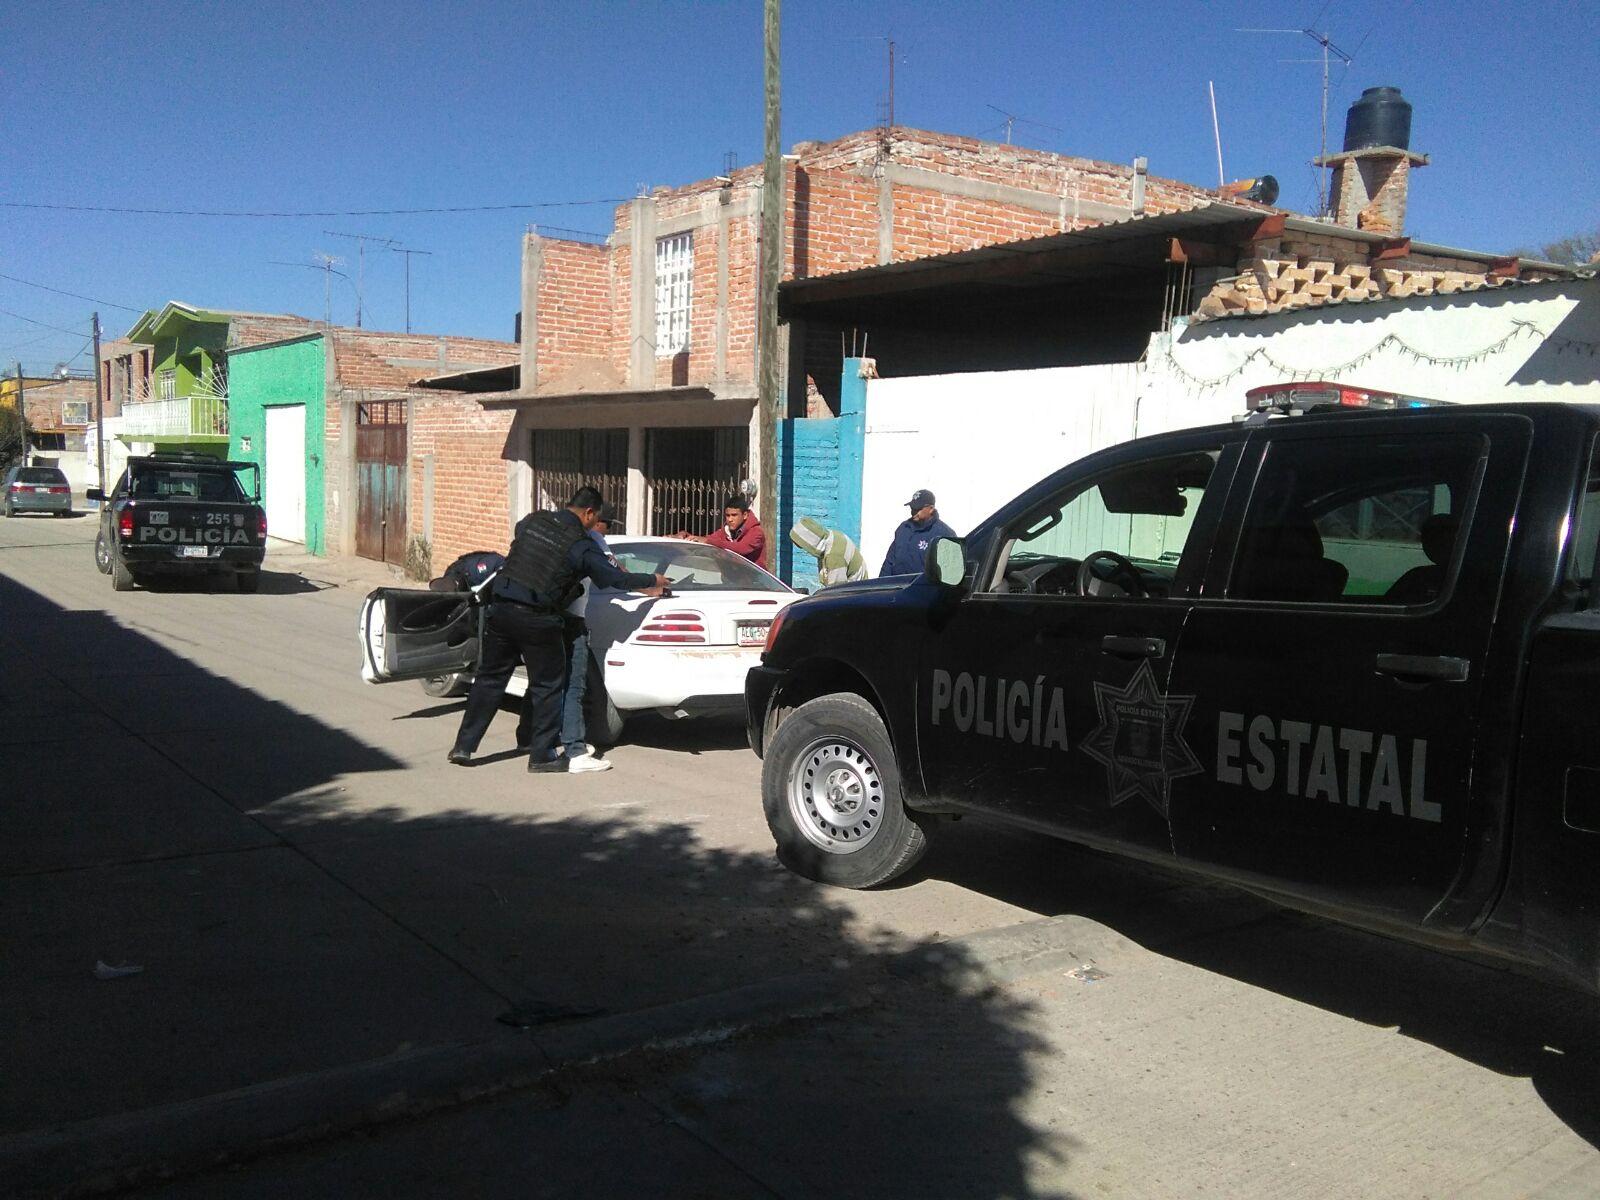 Detiene la estatal a sujeto que navajeó a padre e hijo en Rincón de Romos